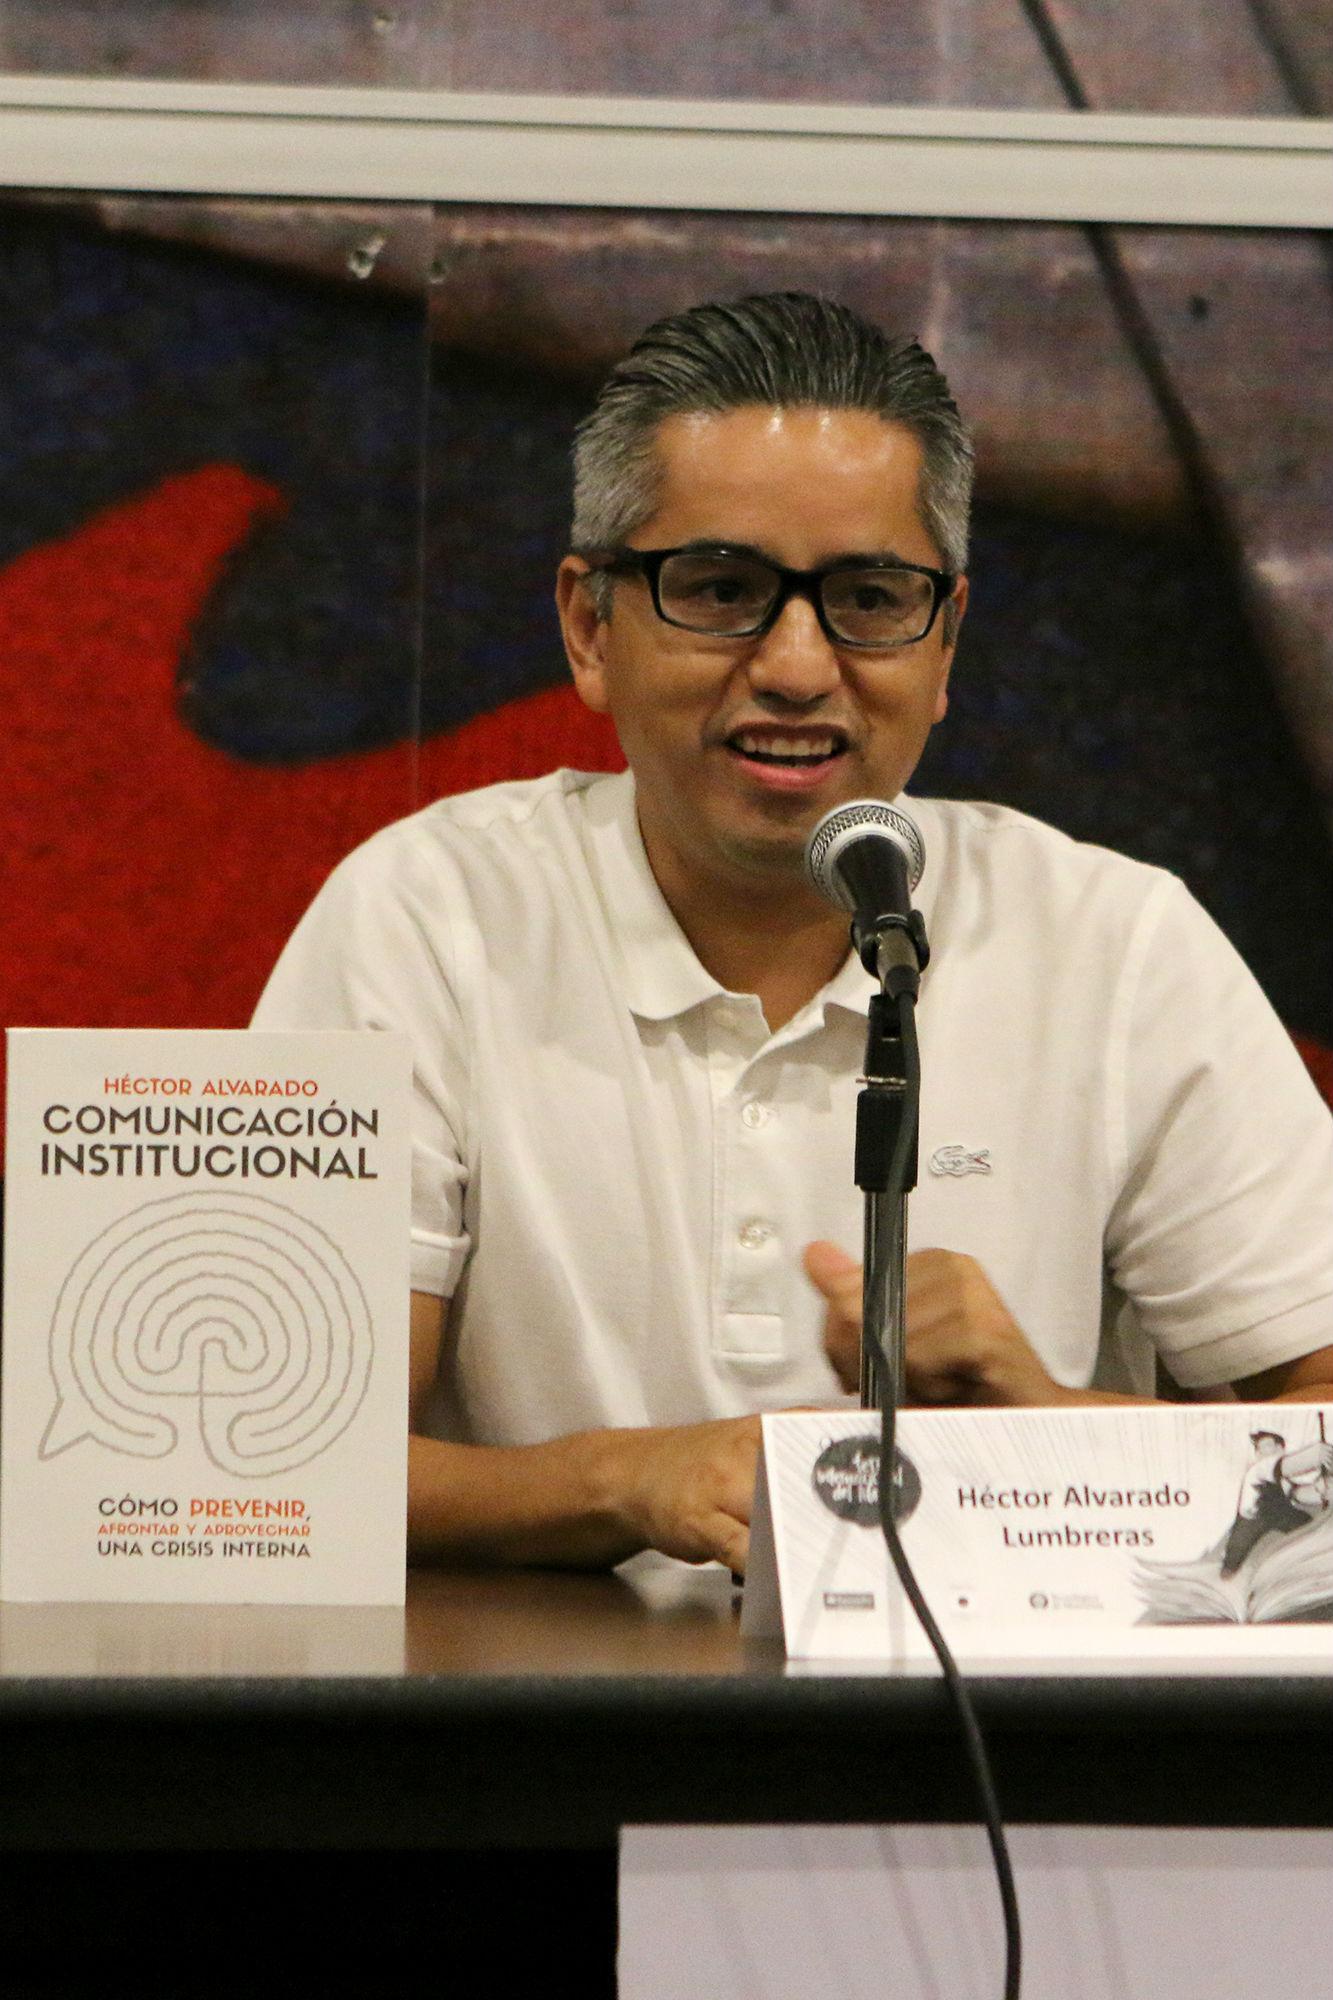 Héctor Alvarado Lumbreras, autor del libro